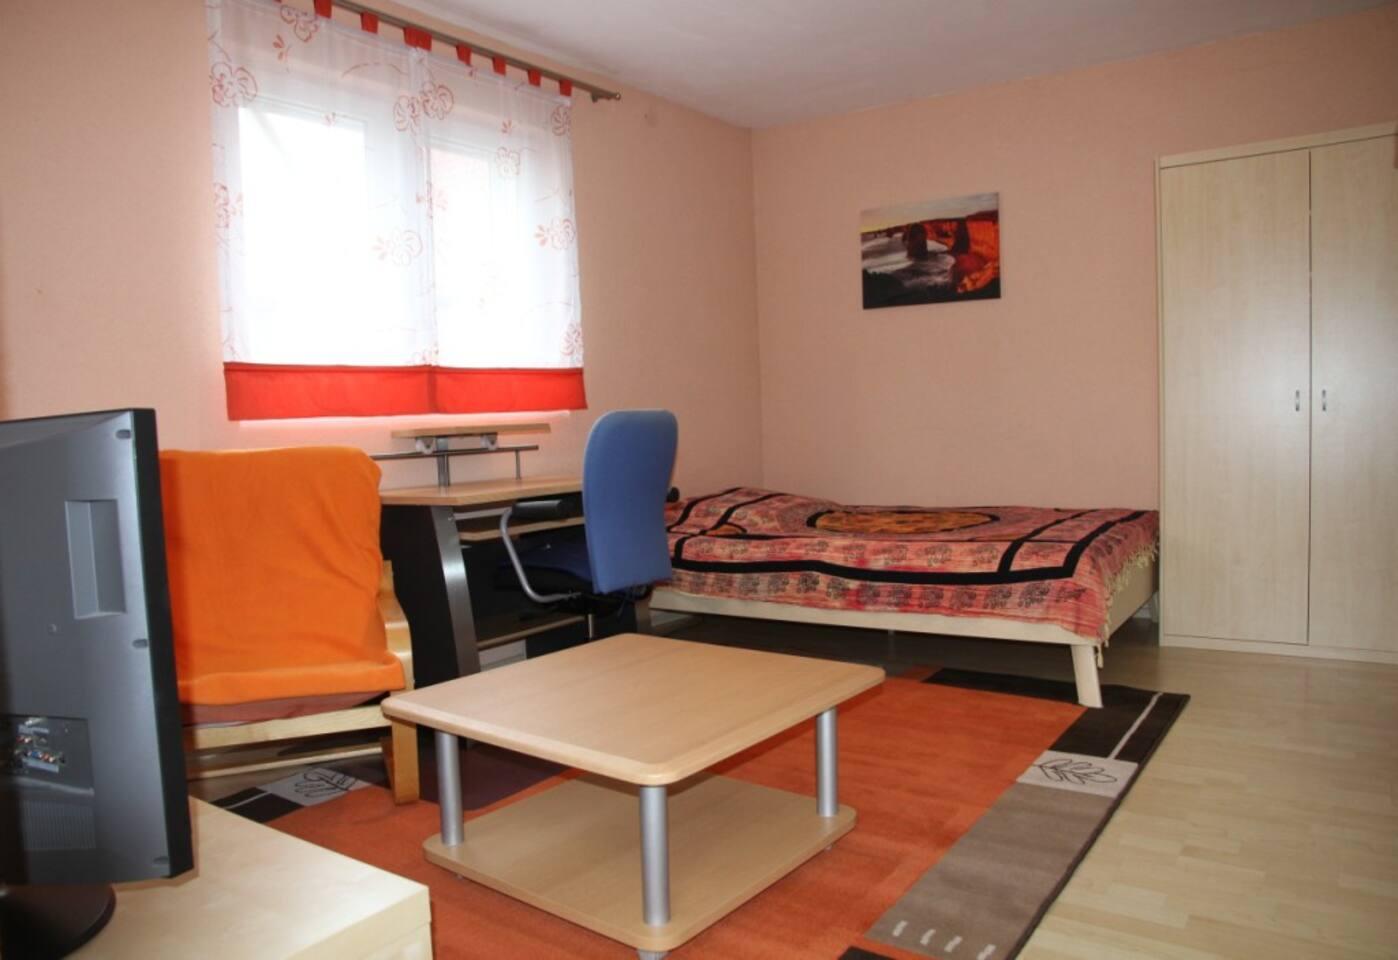 gemütliches Studio-Apartment, voll möbliert